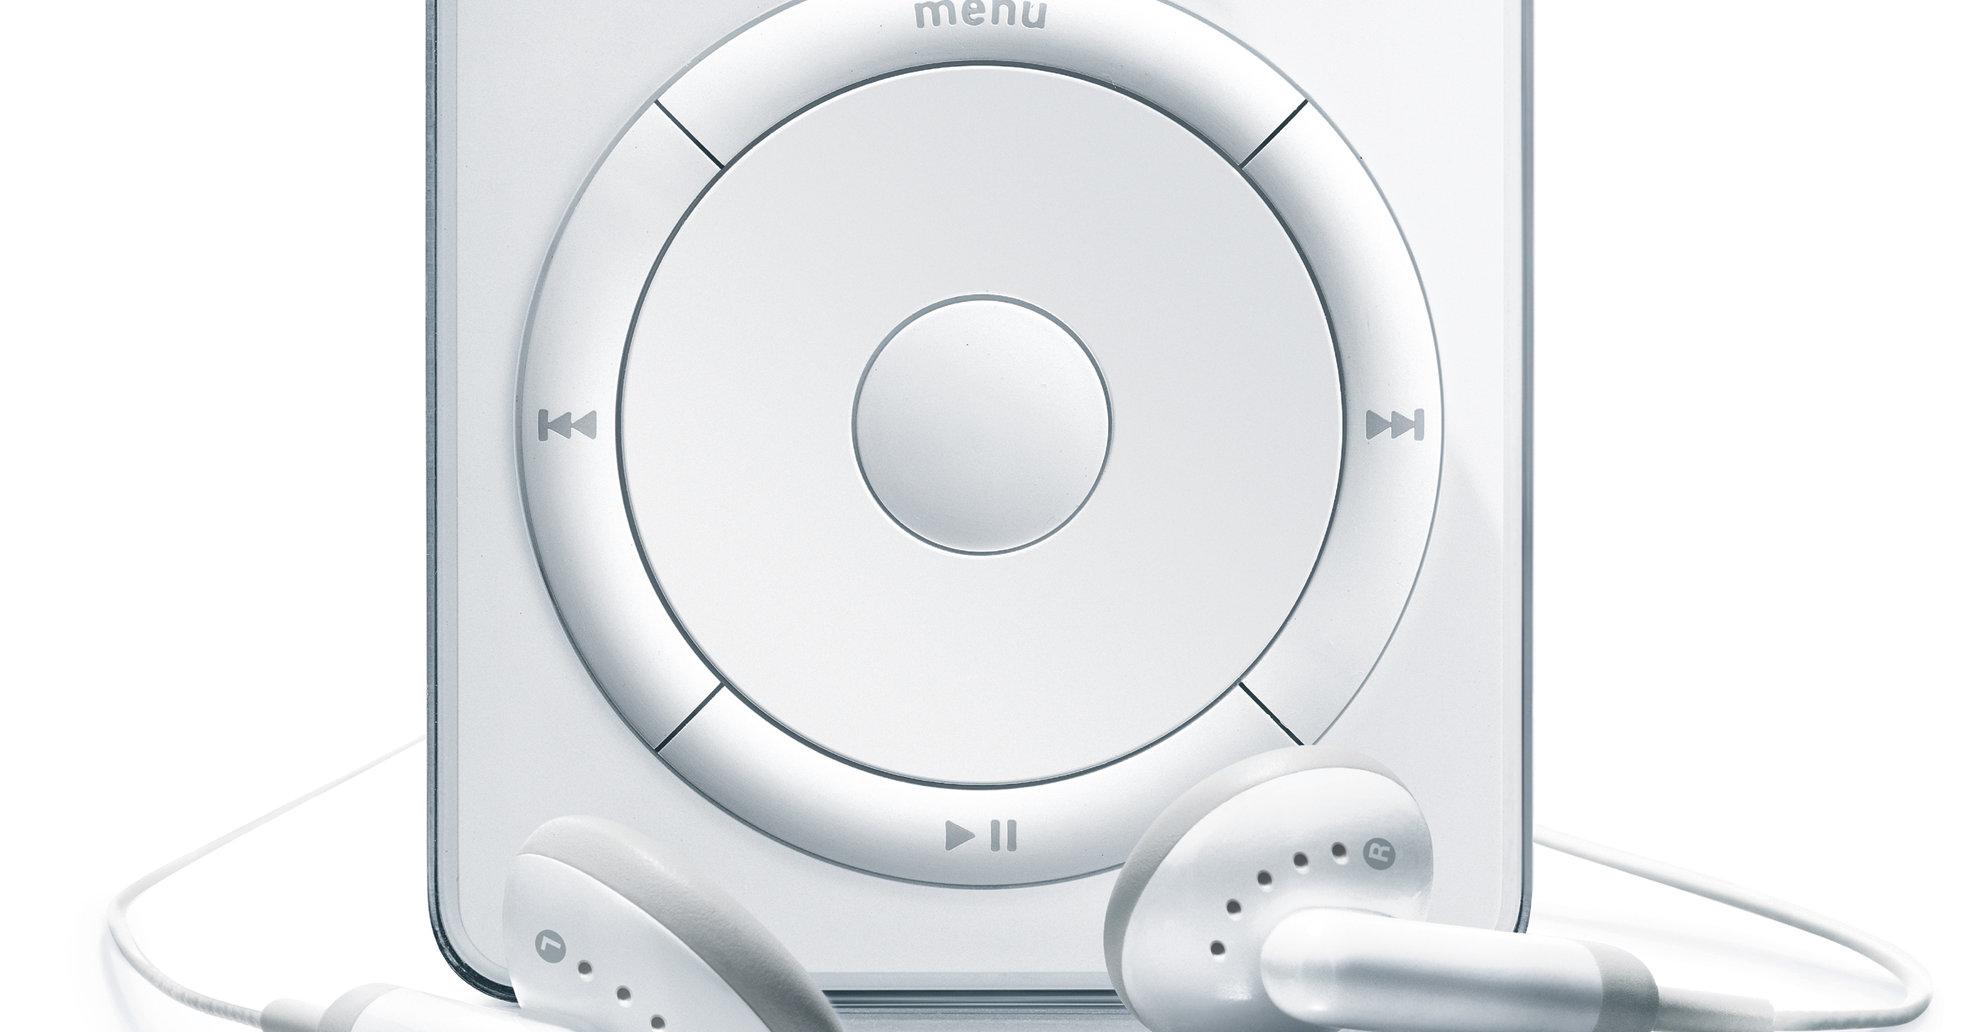 Det ikonske klikkehjulet til den aller første modellen.